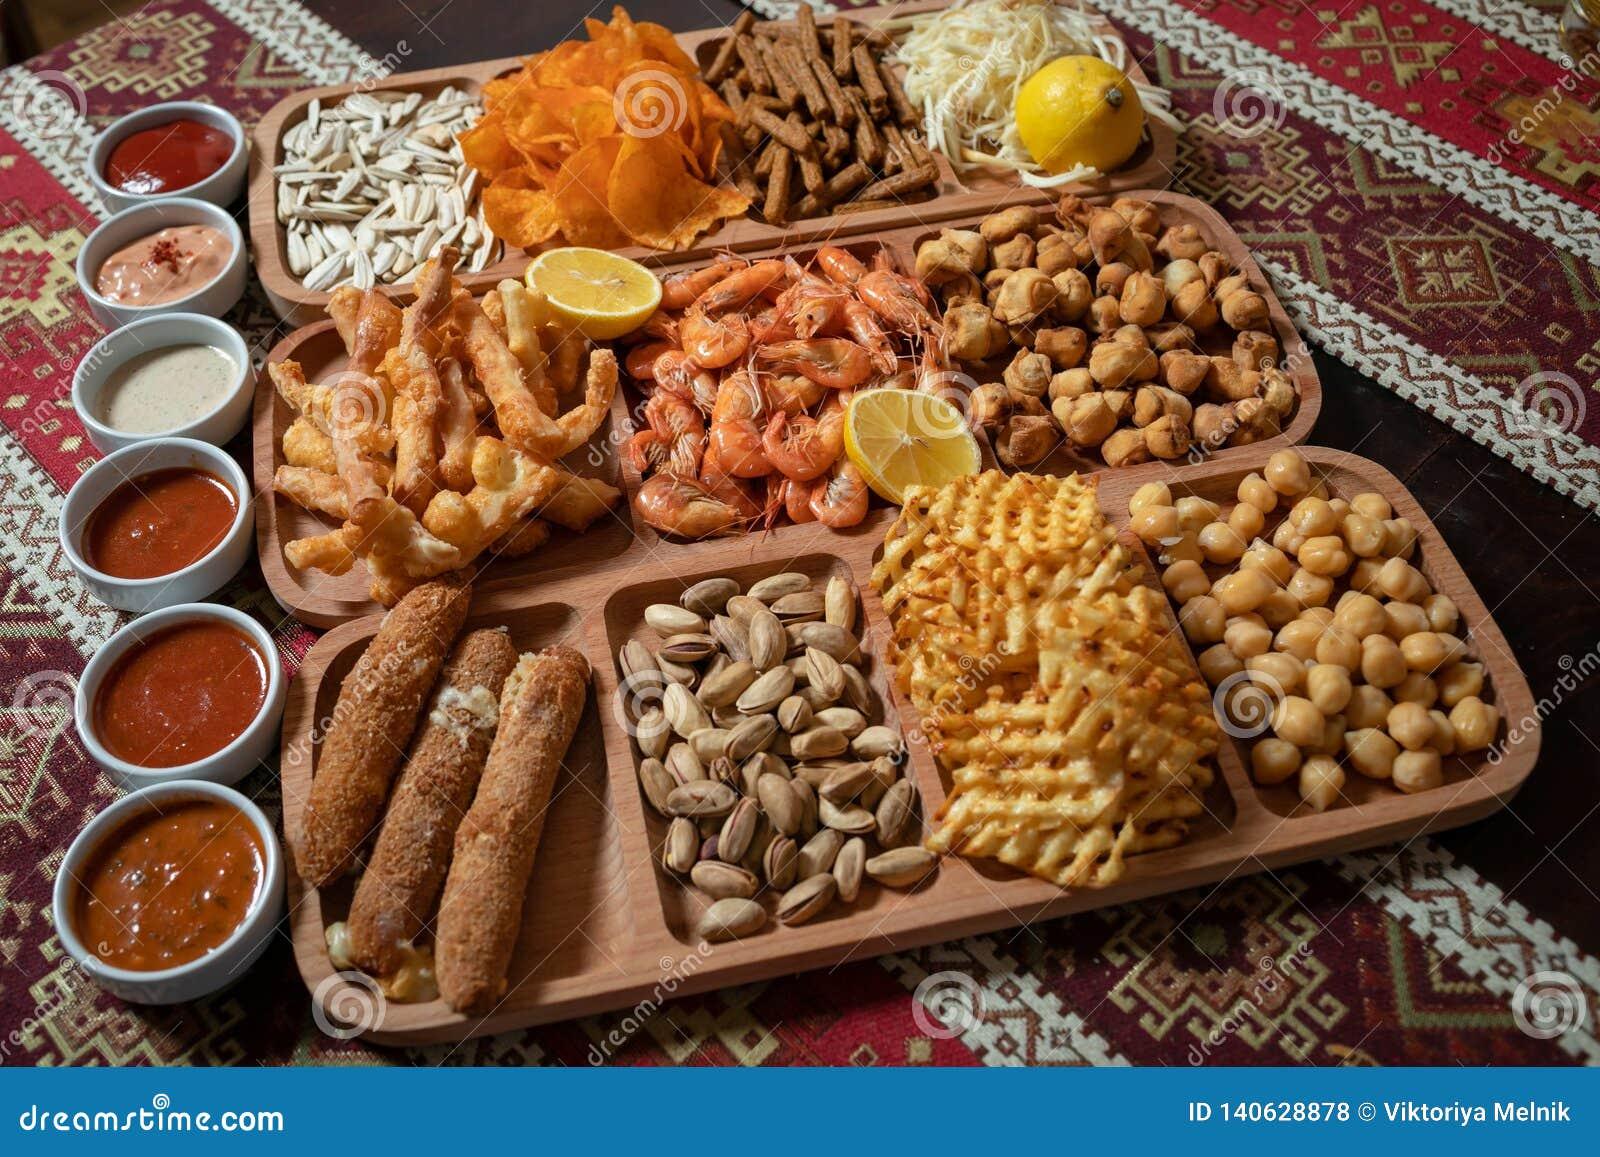 Ställ in av ölmellanmål, elva variationer och sex såser på en trätabell med en bordduk med nationella modeller